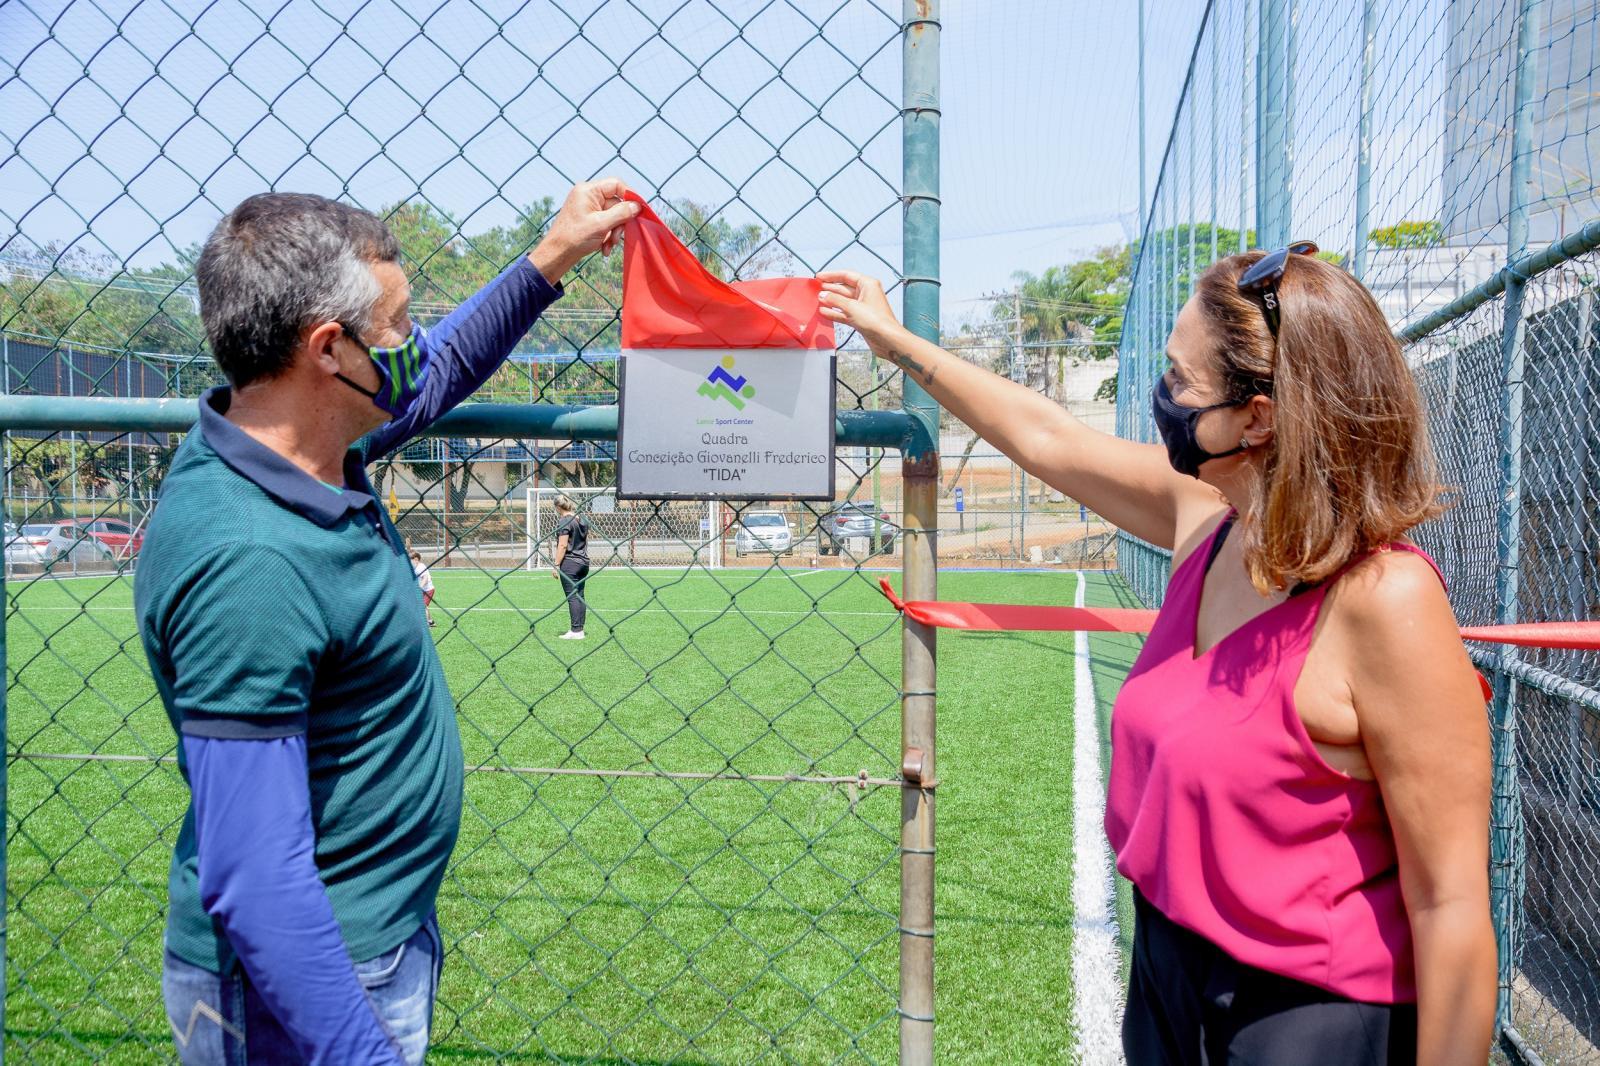 Lance Sport Center presta homenagens em reinauguração das quadras